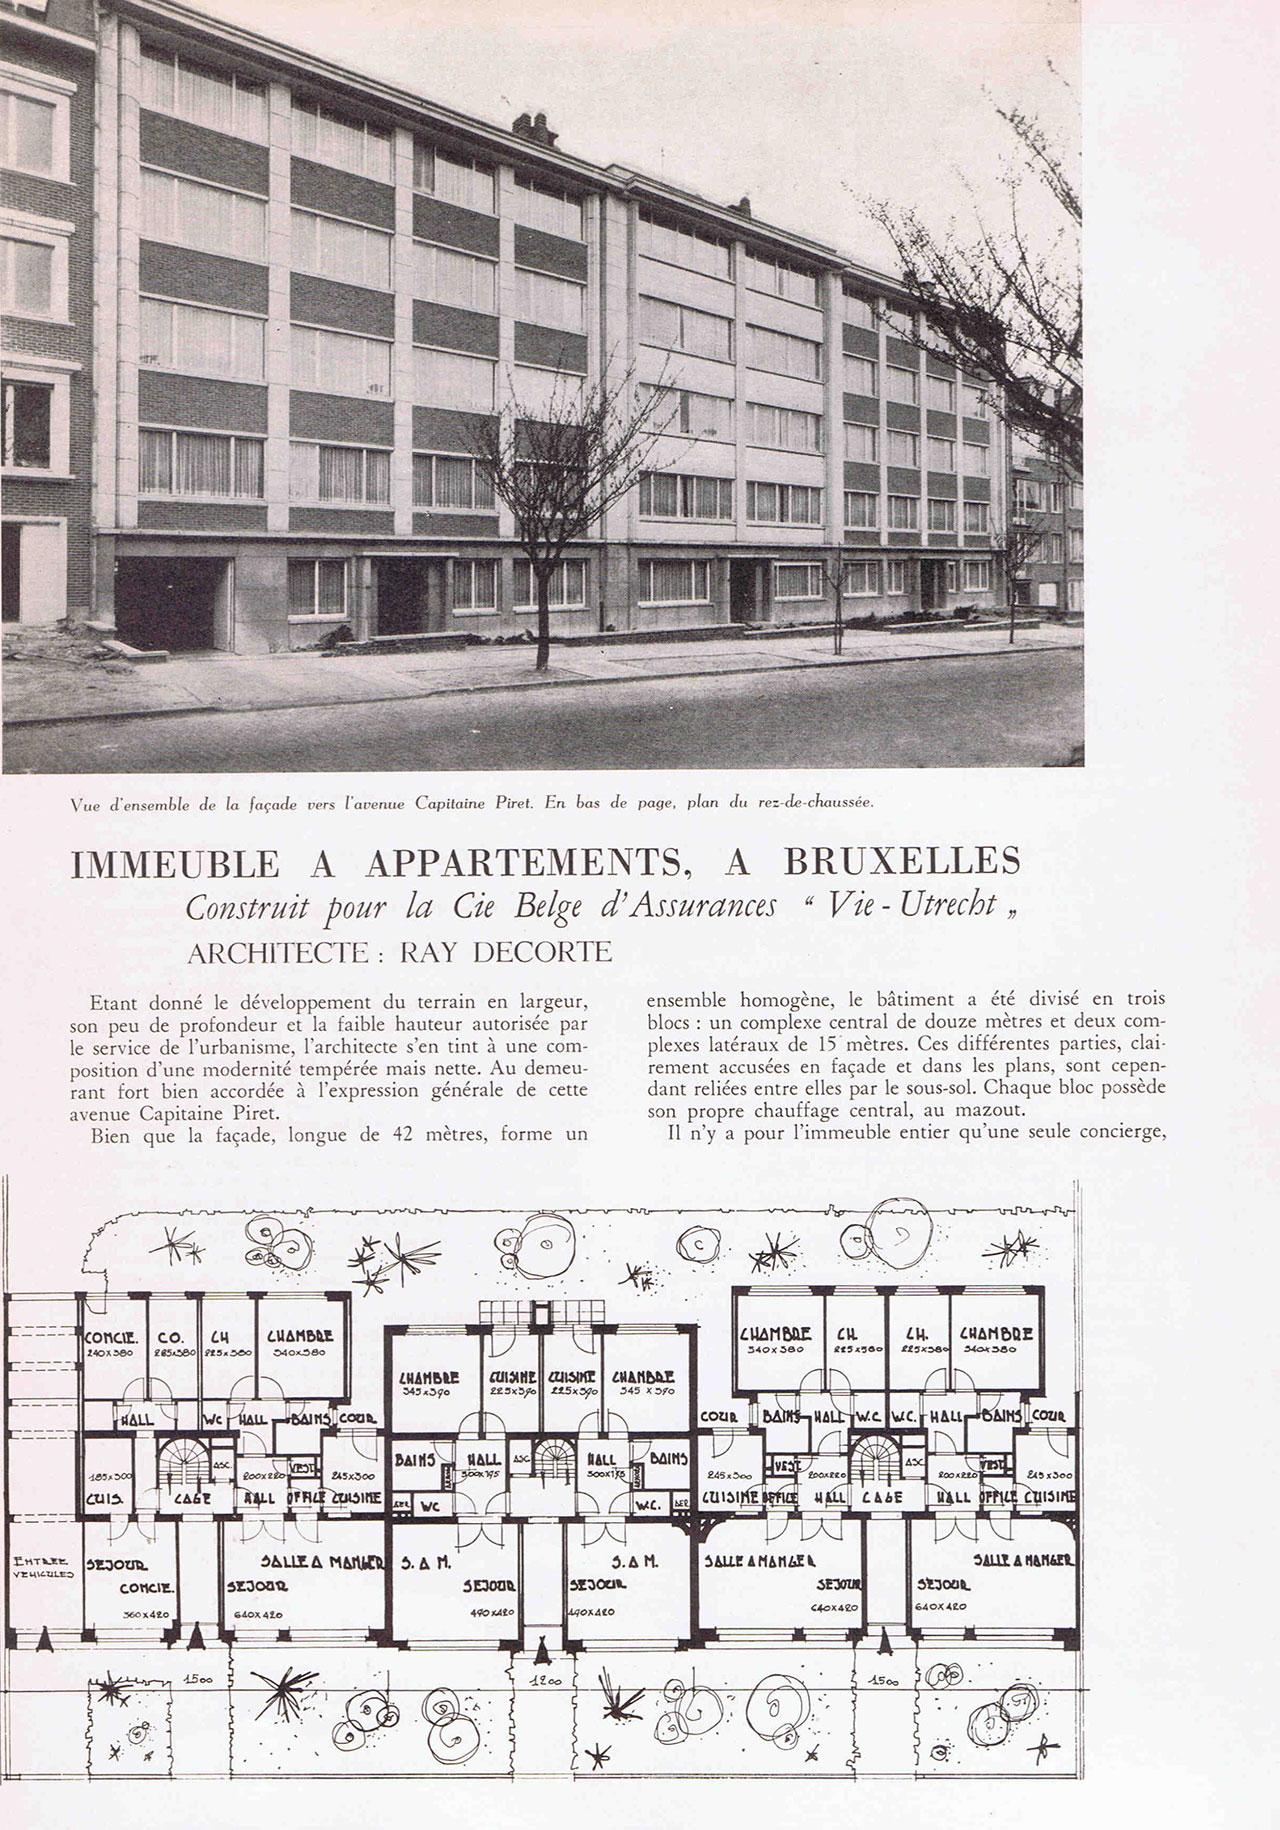 Immeuble à appartements à Bruxelles